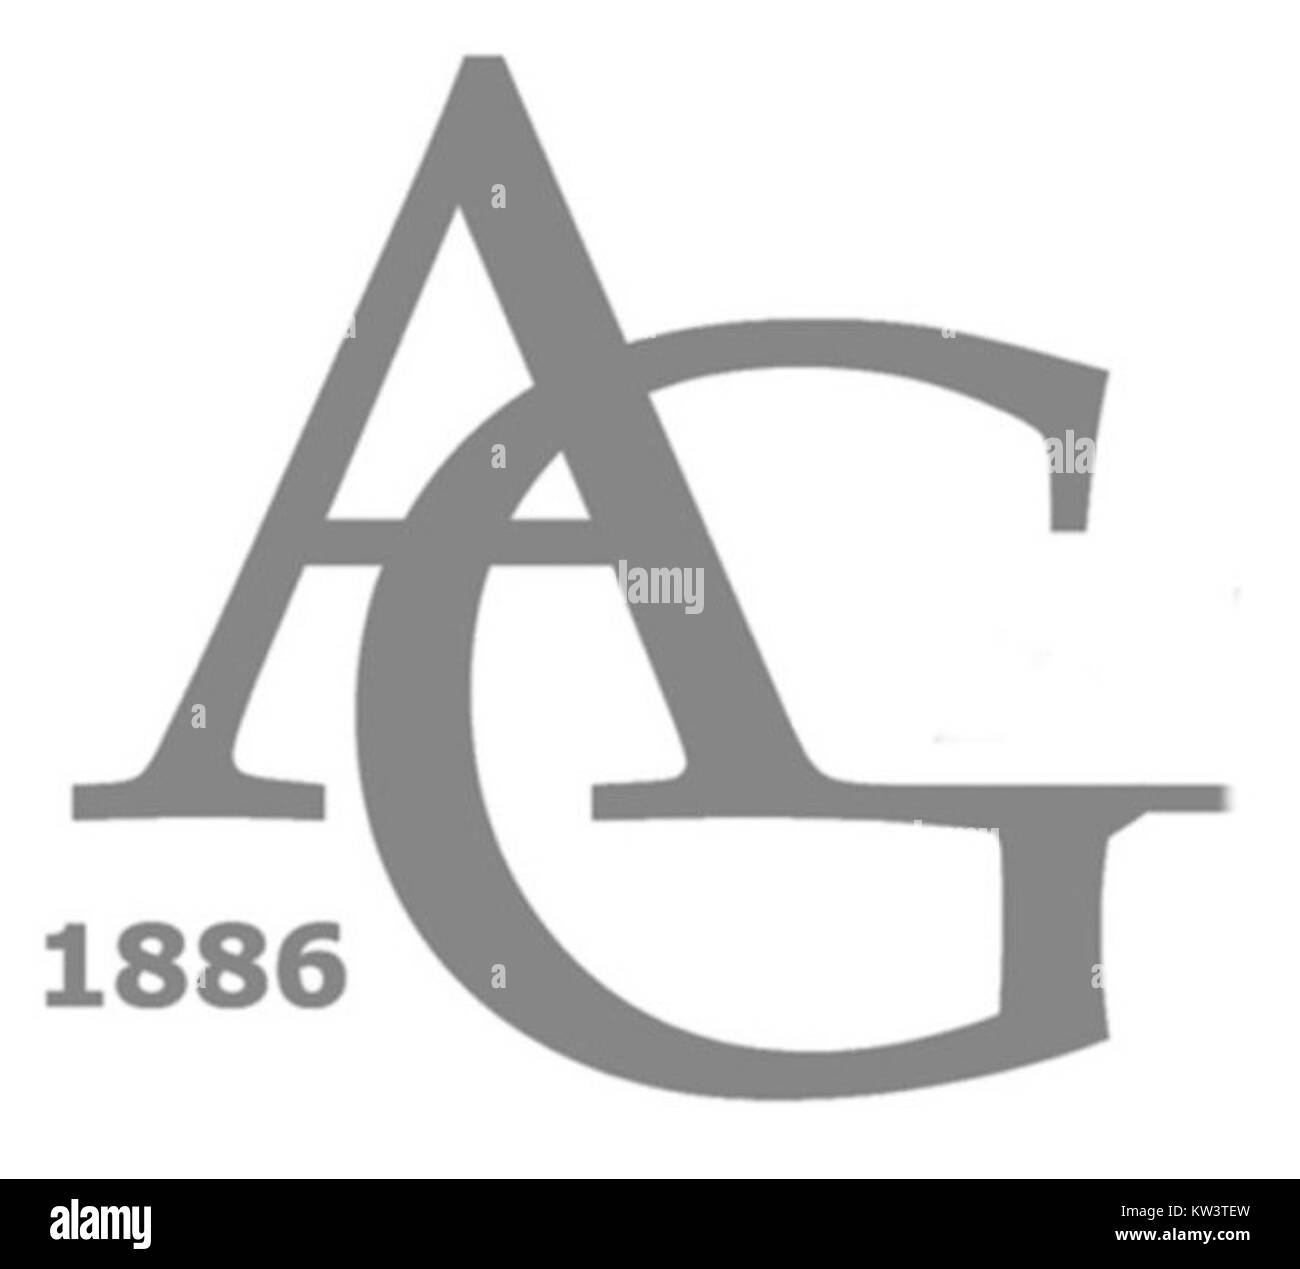 Logo Anatomische Gesellschaft - Stock Image